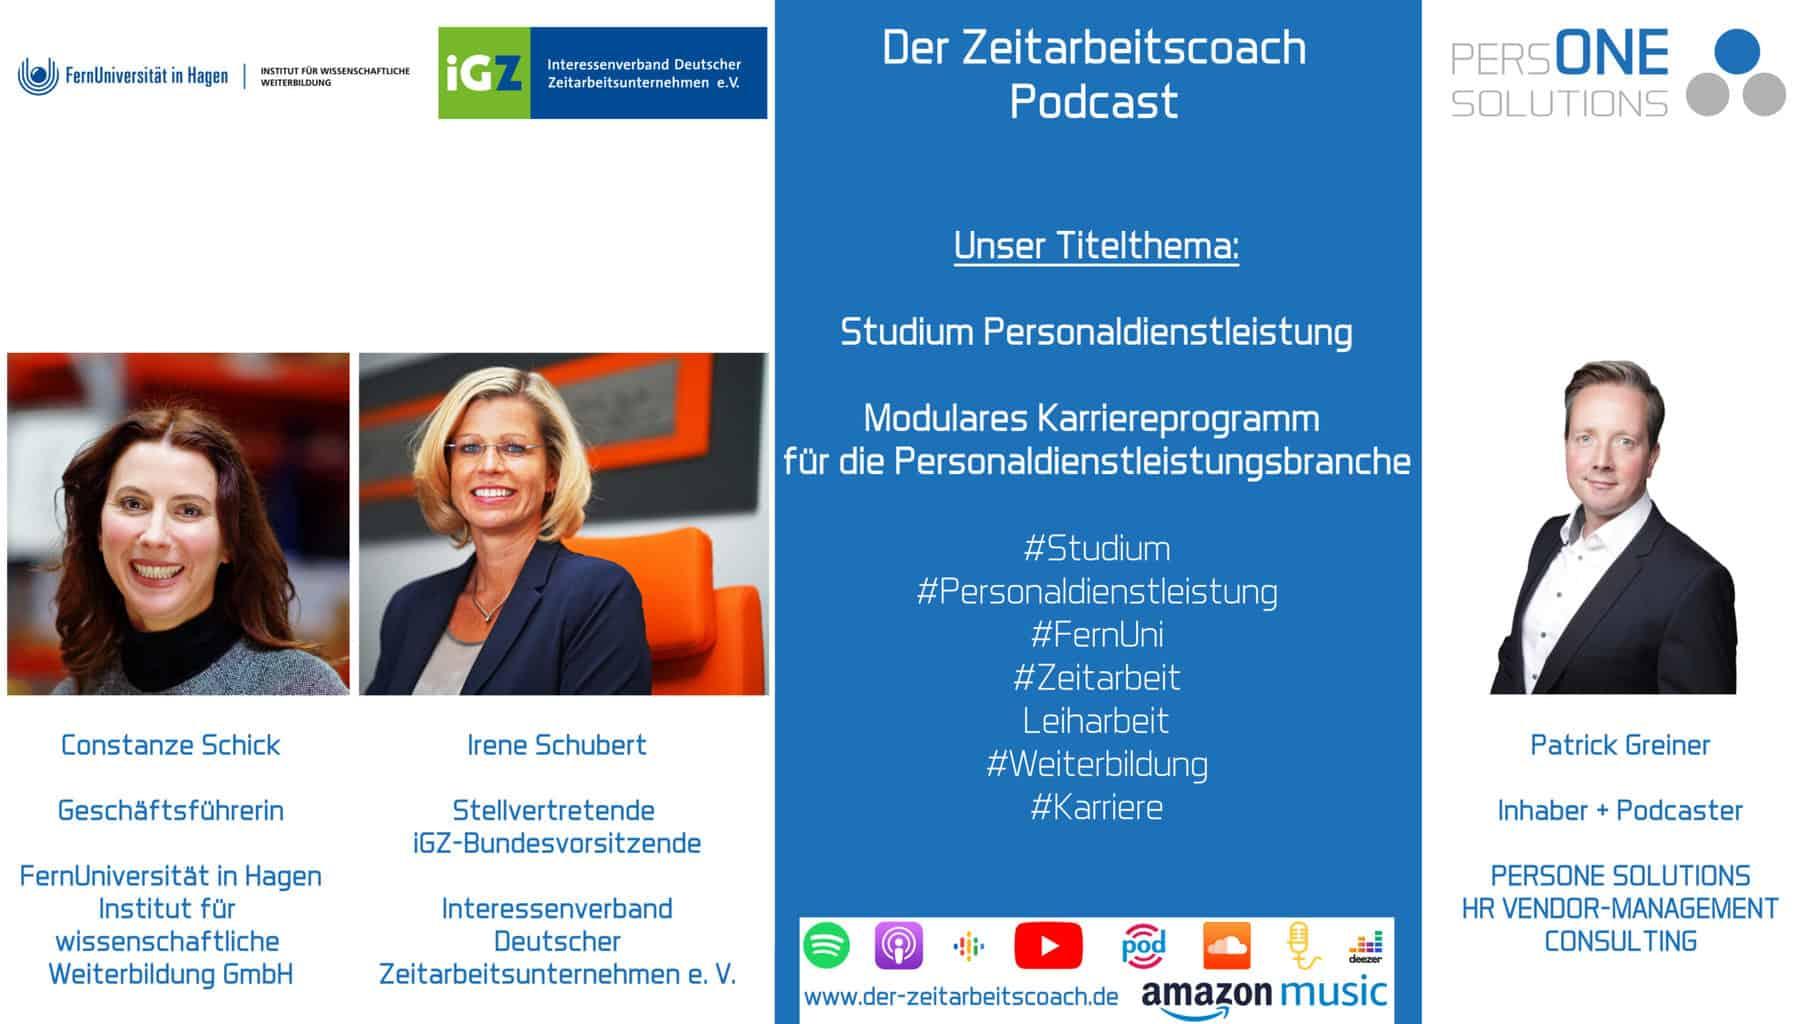 FernUniHagen-iGZ_Podcast SM Grafik-Interview_Zeitarbeitscoach-Podcast